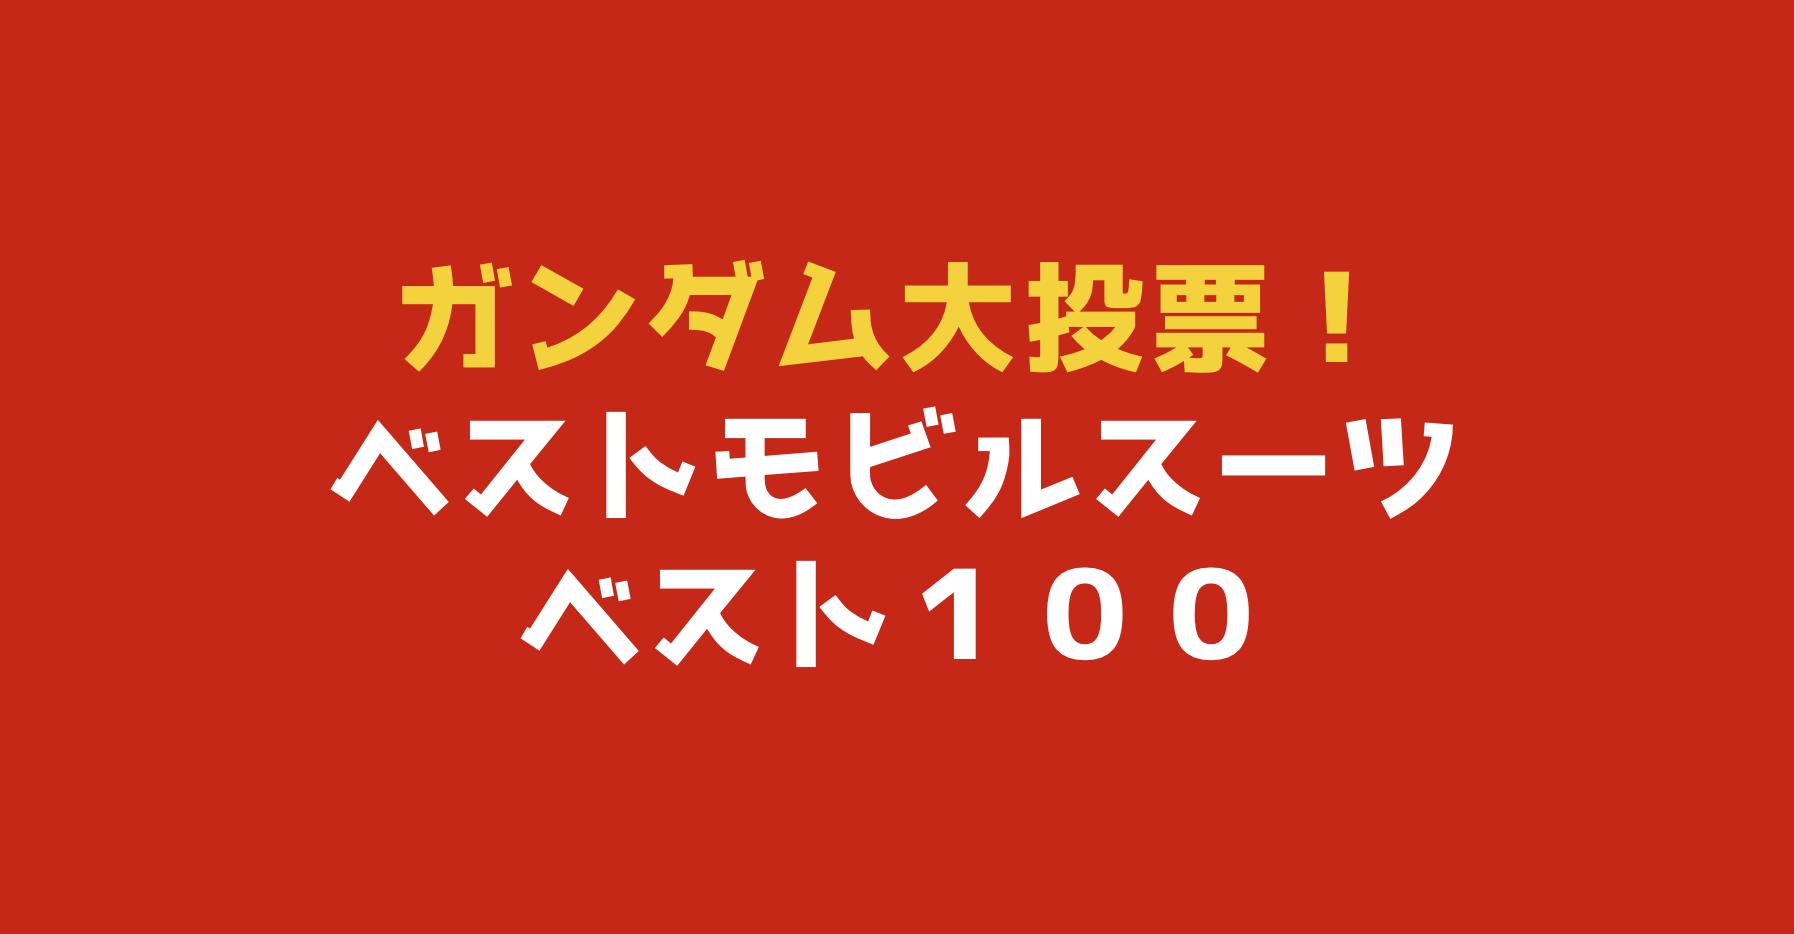 全ガンダム大投票!人気モビルスーツ・ガンプラのベスト100を紹介する!